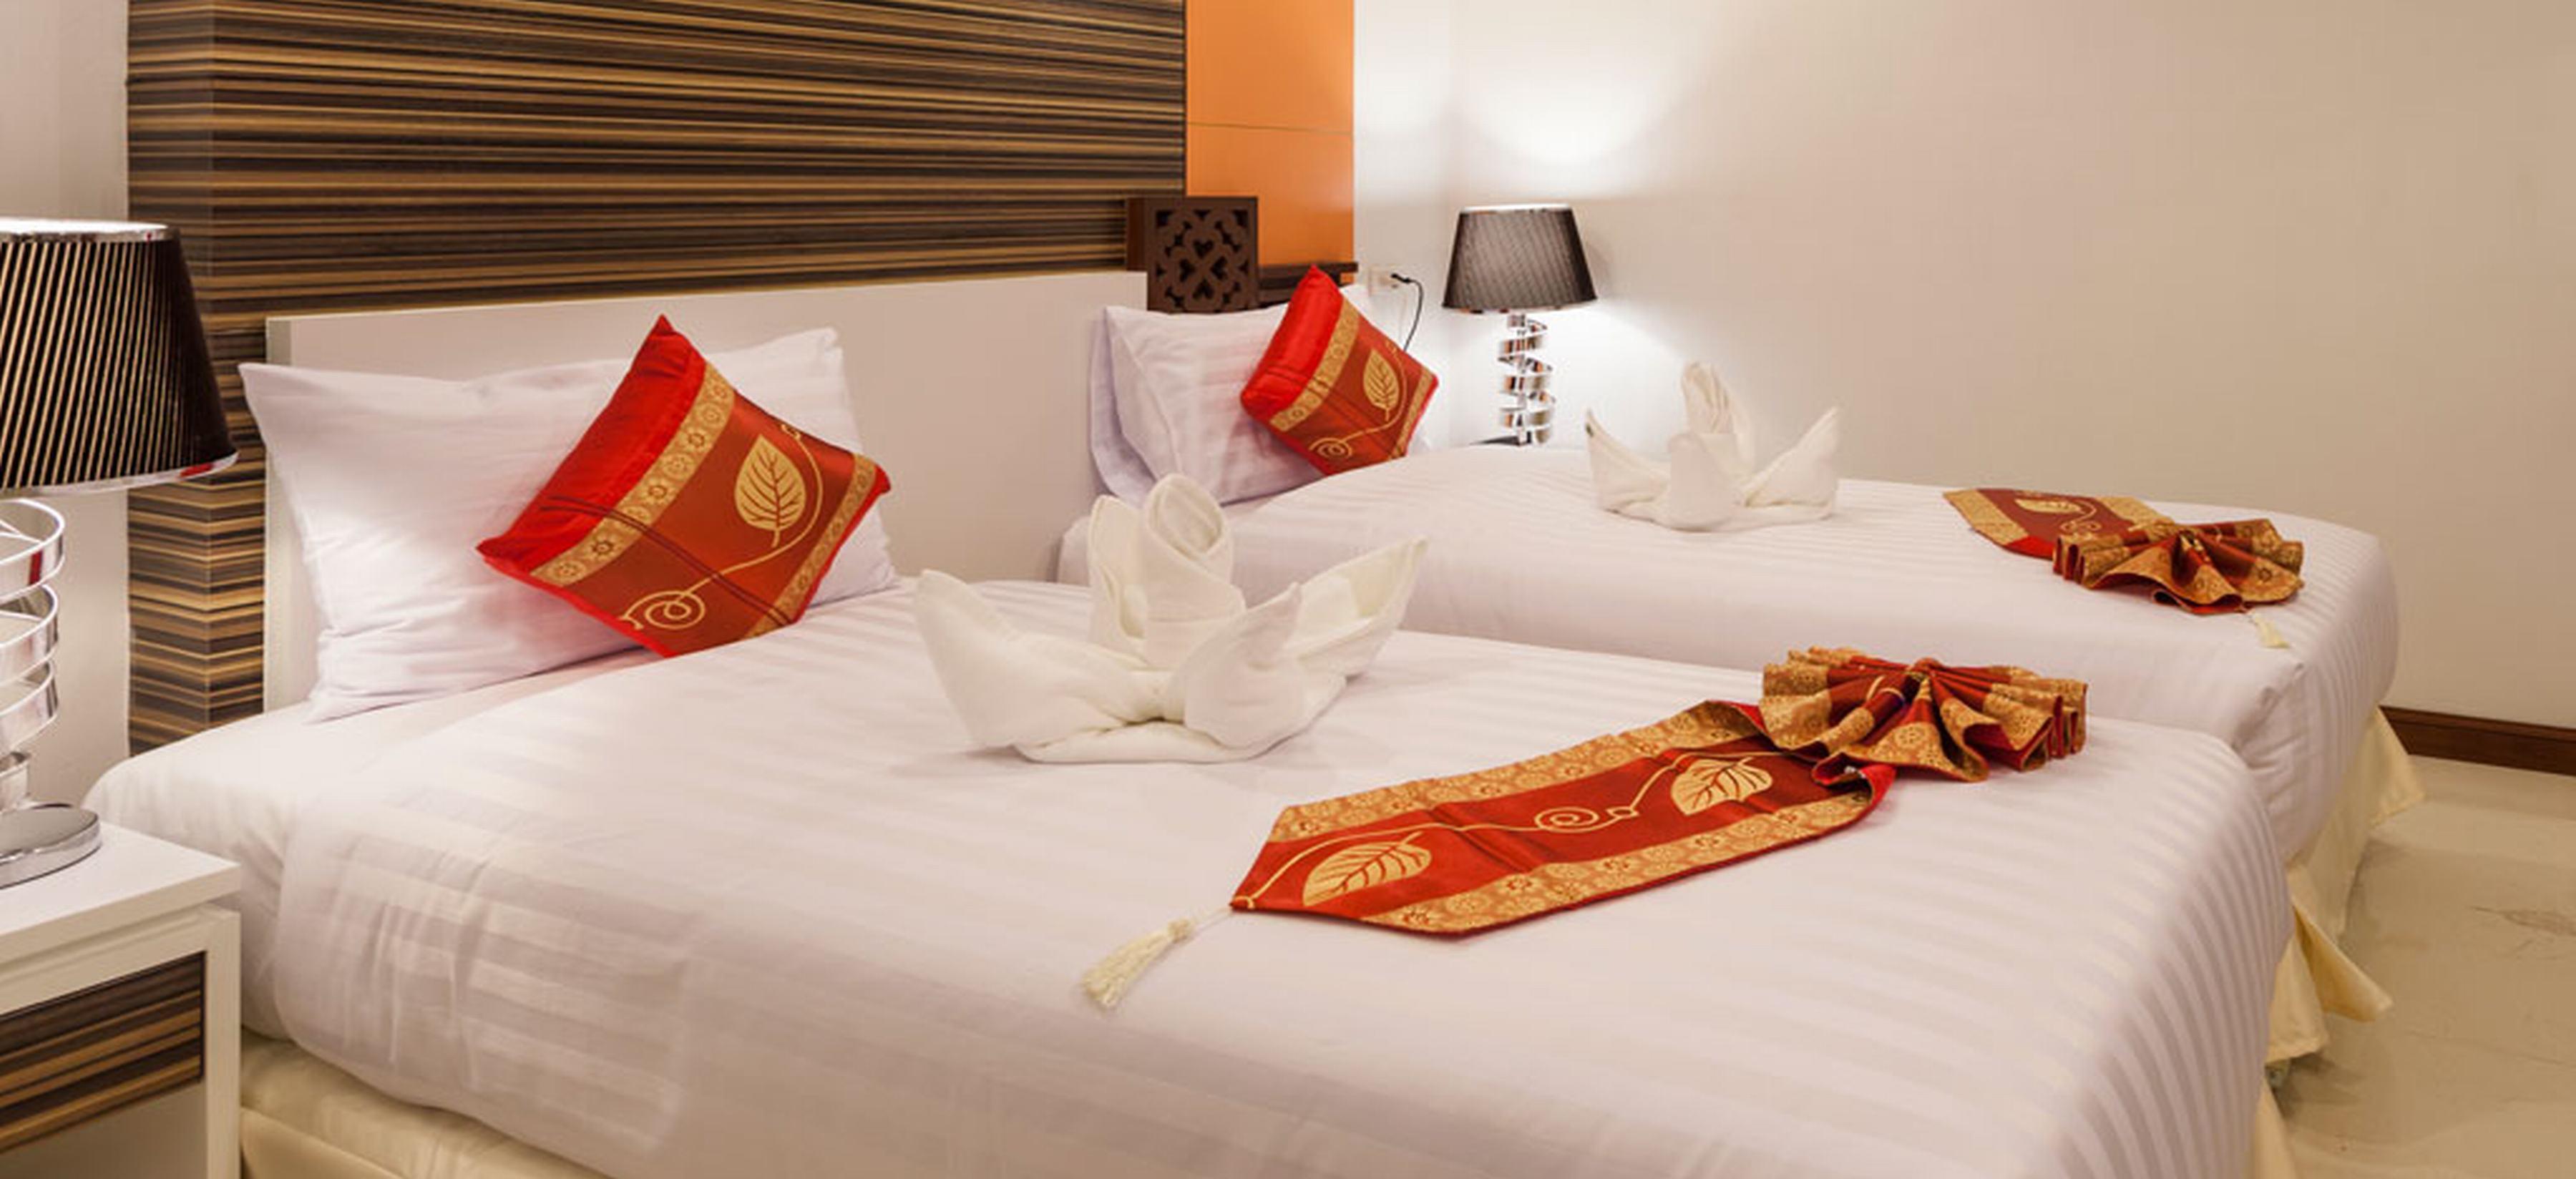 Patong Max Value Hotel, Pulau Phuket